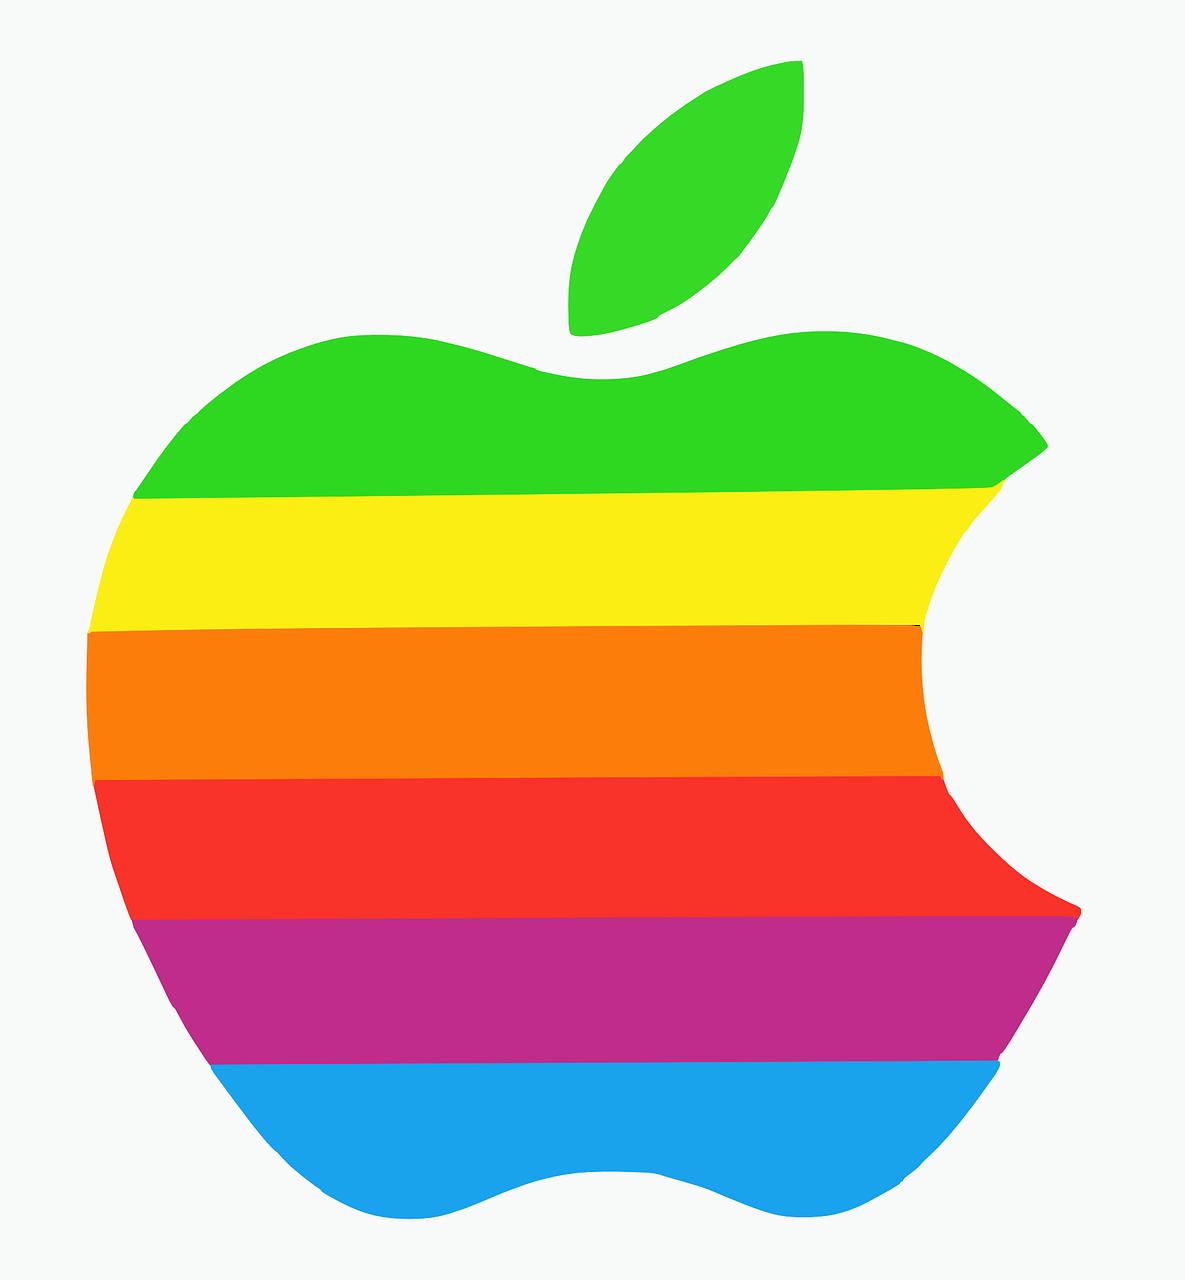 Apple Ghi Danh Bản Quyền Logo Quả Táo Cầu Vồng Nhiều Màu